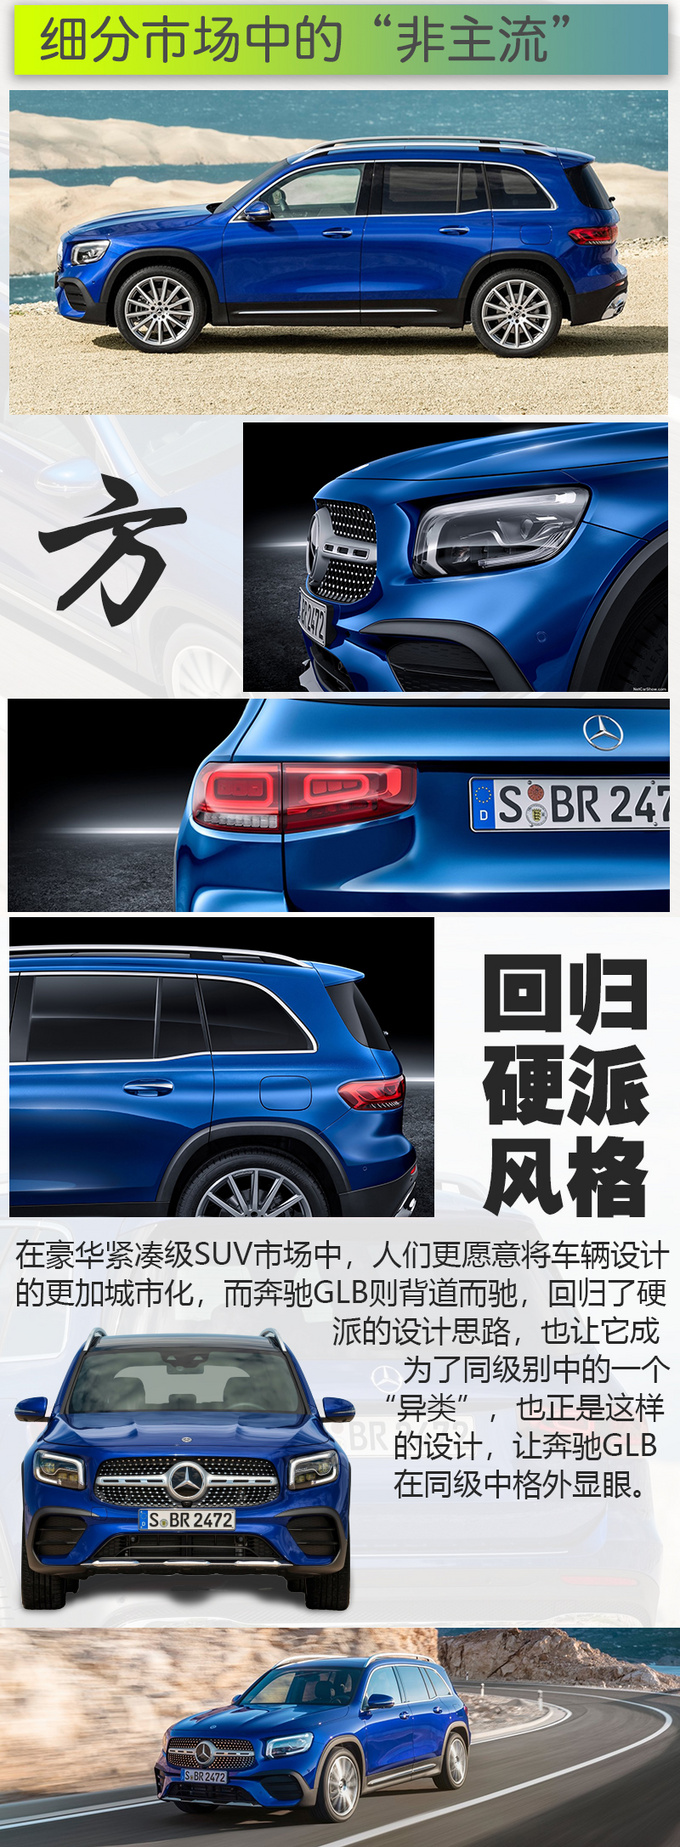 奥迪Q3/宝马X1/奔驰GLB 究竟是谁重新定义豪华SUV-图5